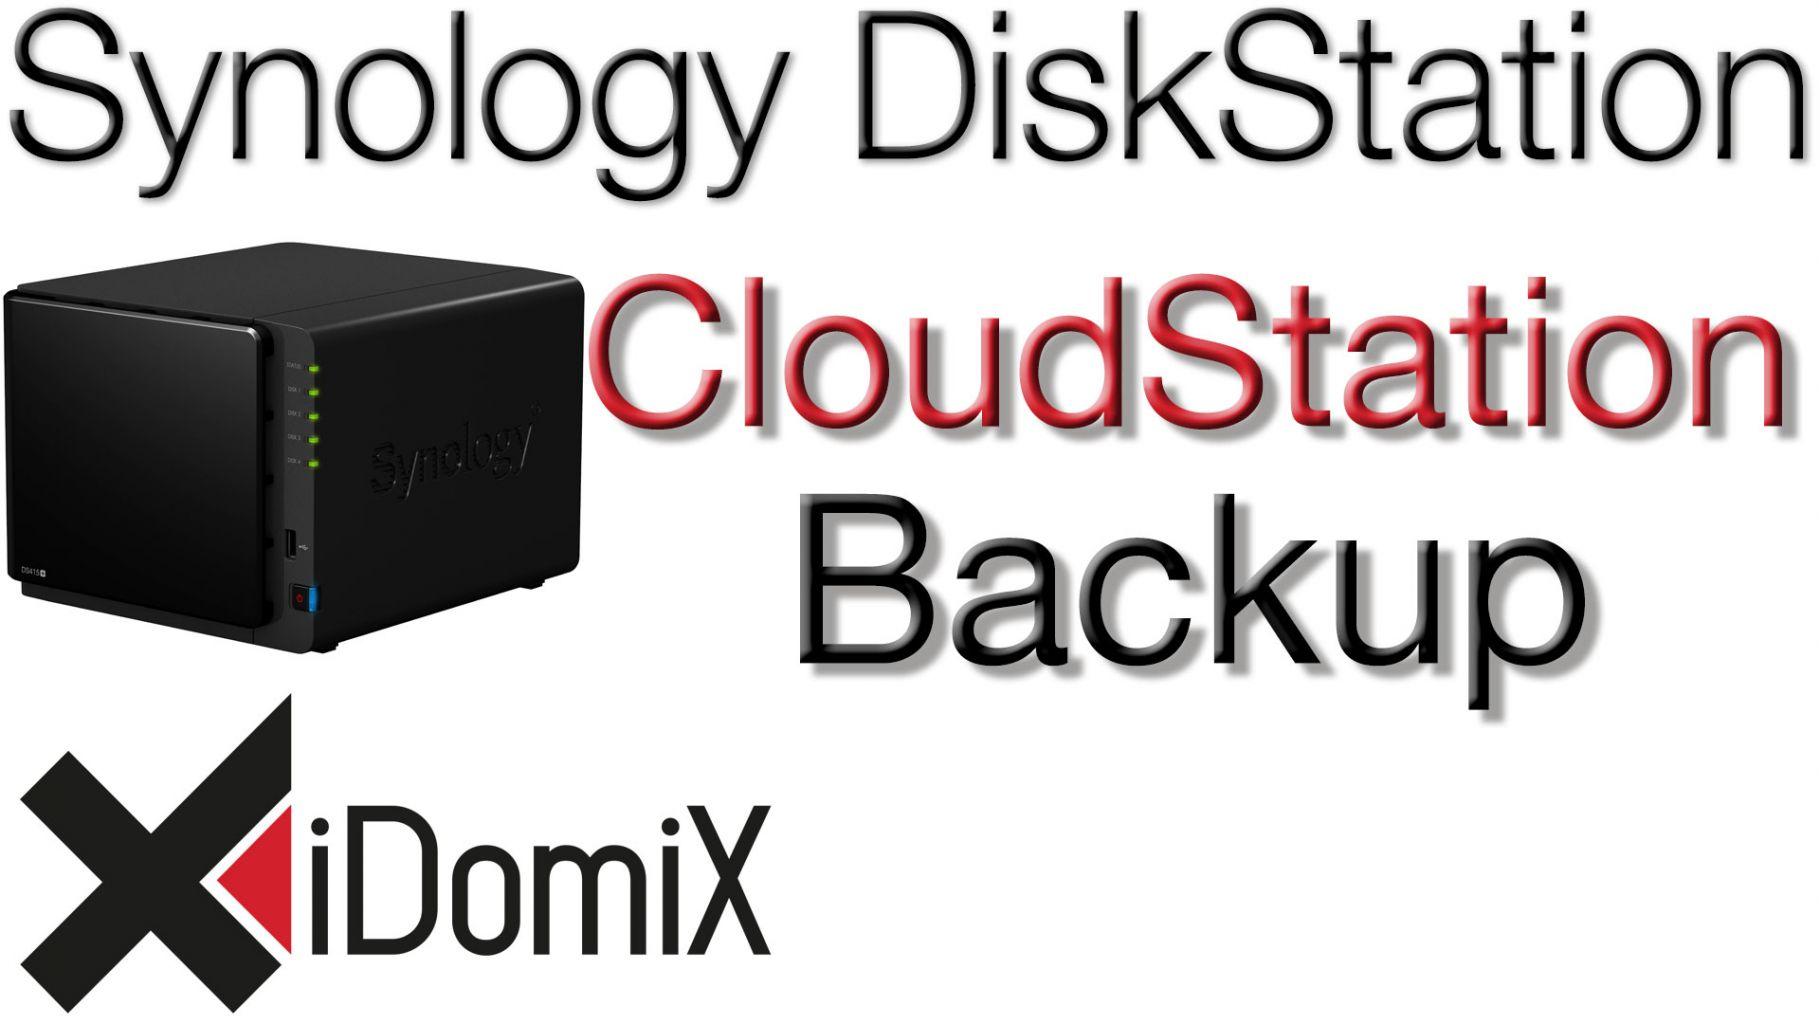 327-cloudstation-backup